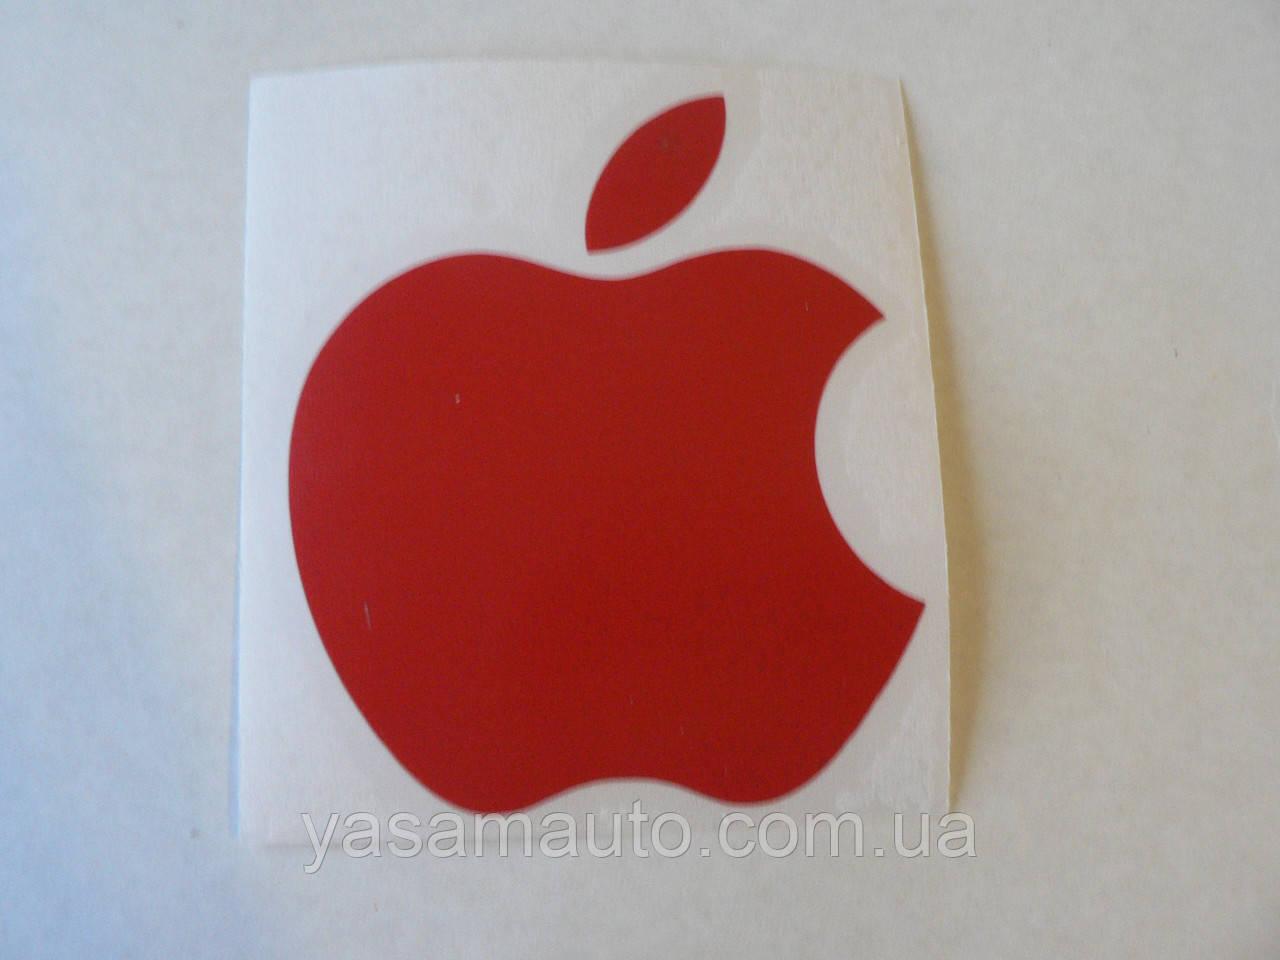 Наклейка vc APPLE 70х85мм красное виниловая контурная эпл яблоко яблочко на авто